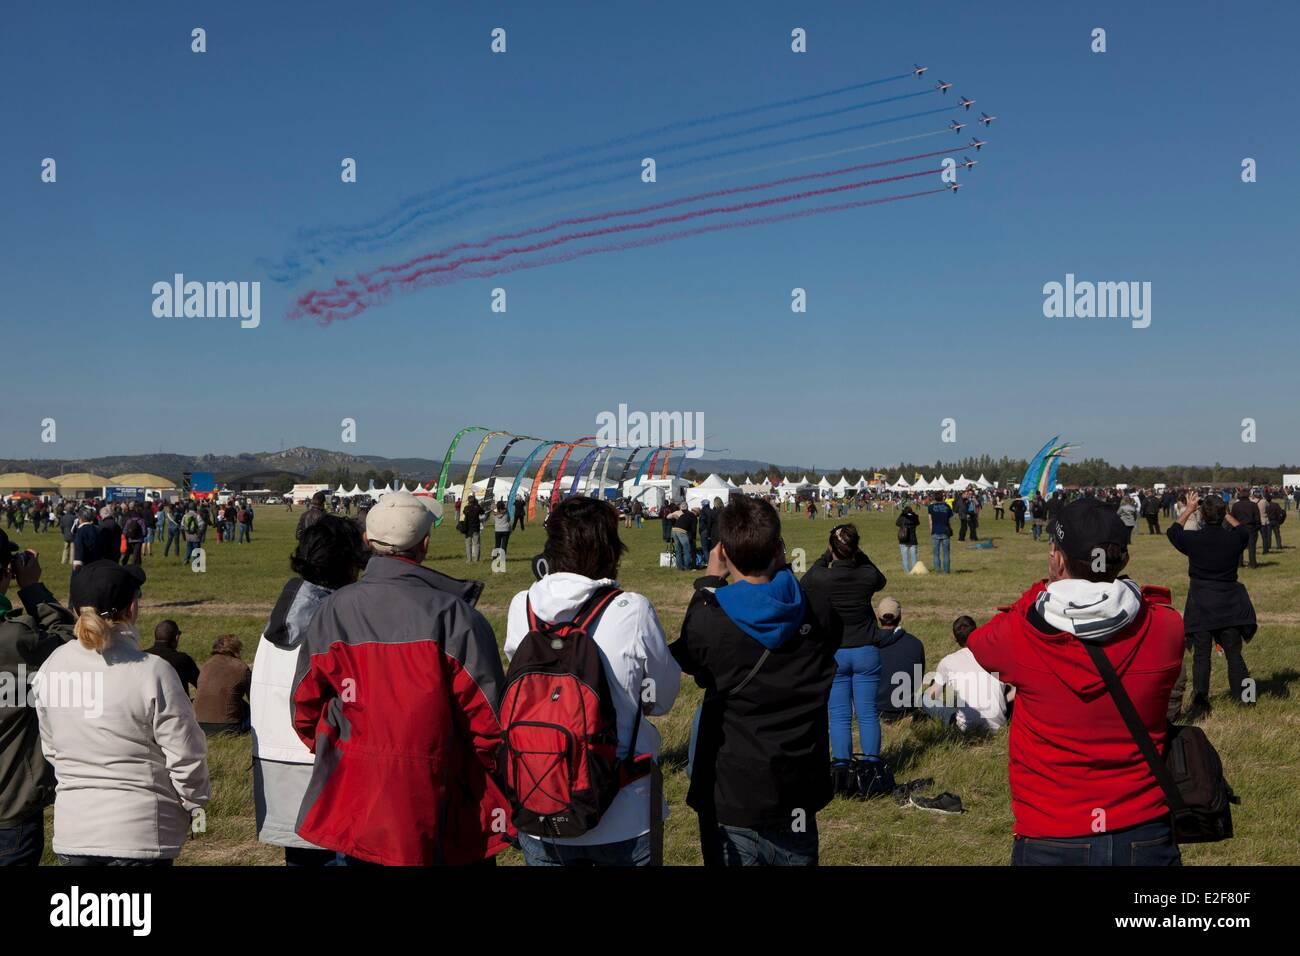 France bouches du rhone salon de provence 701 air base aerial meeting stock photo 70406351 alamy - Transport salon de provence ...